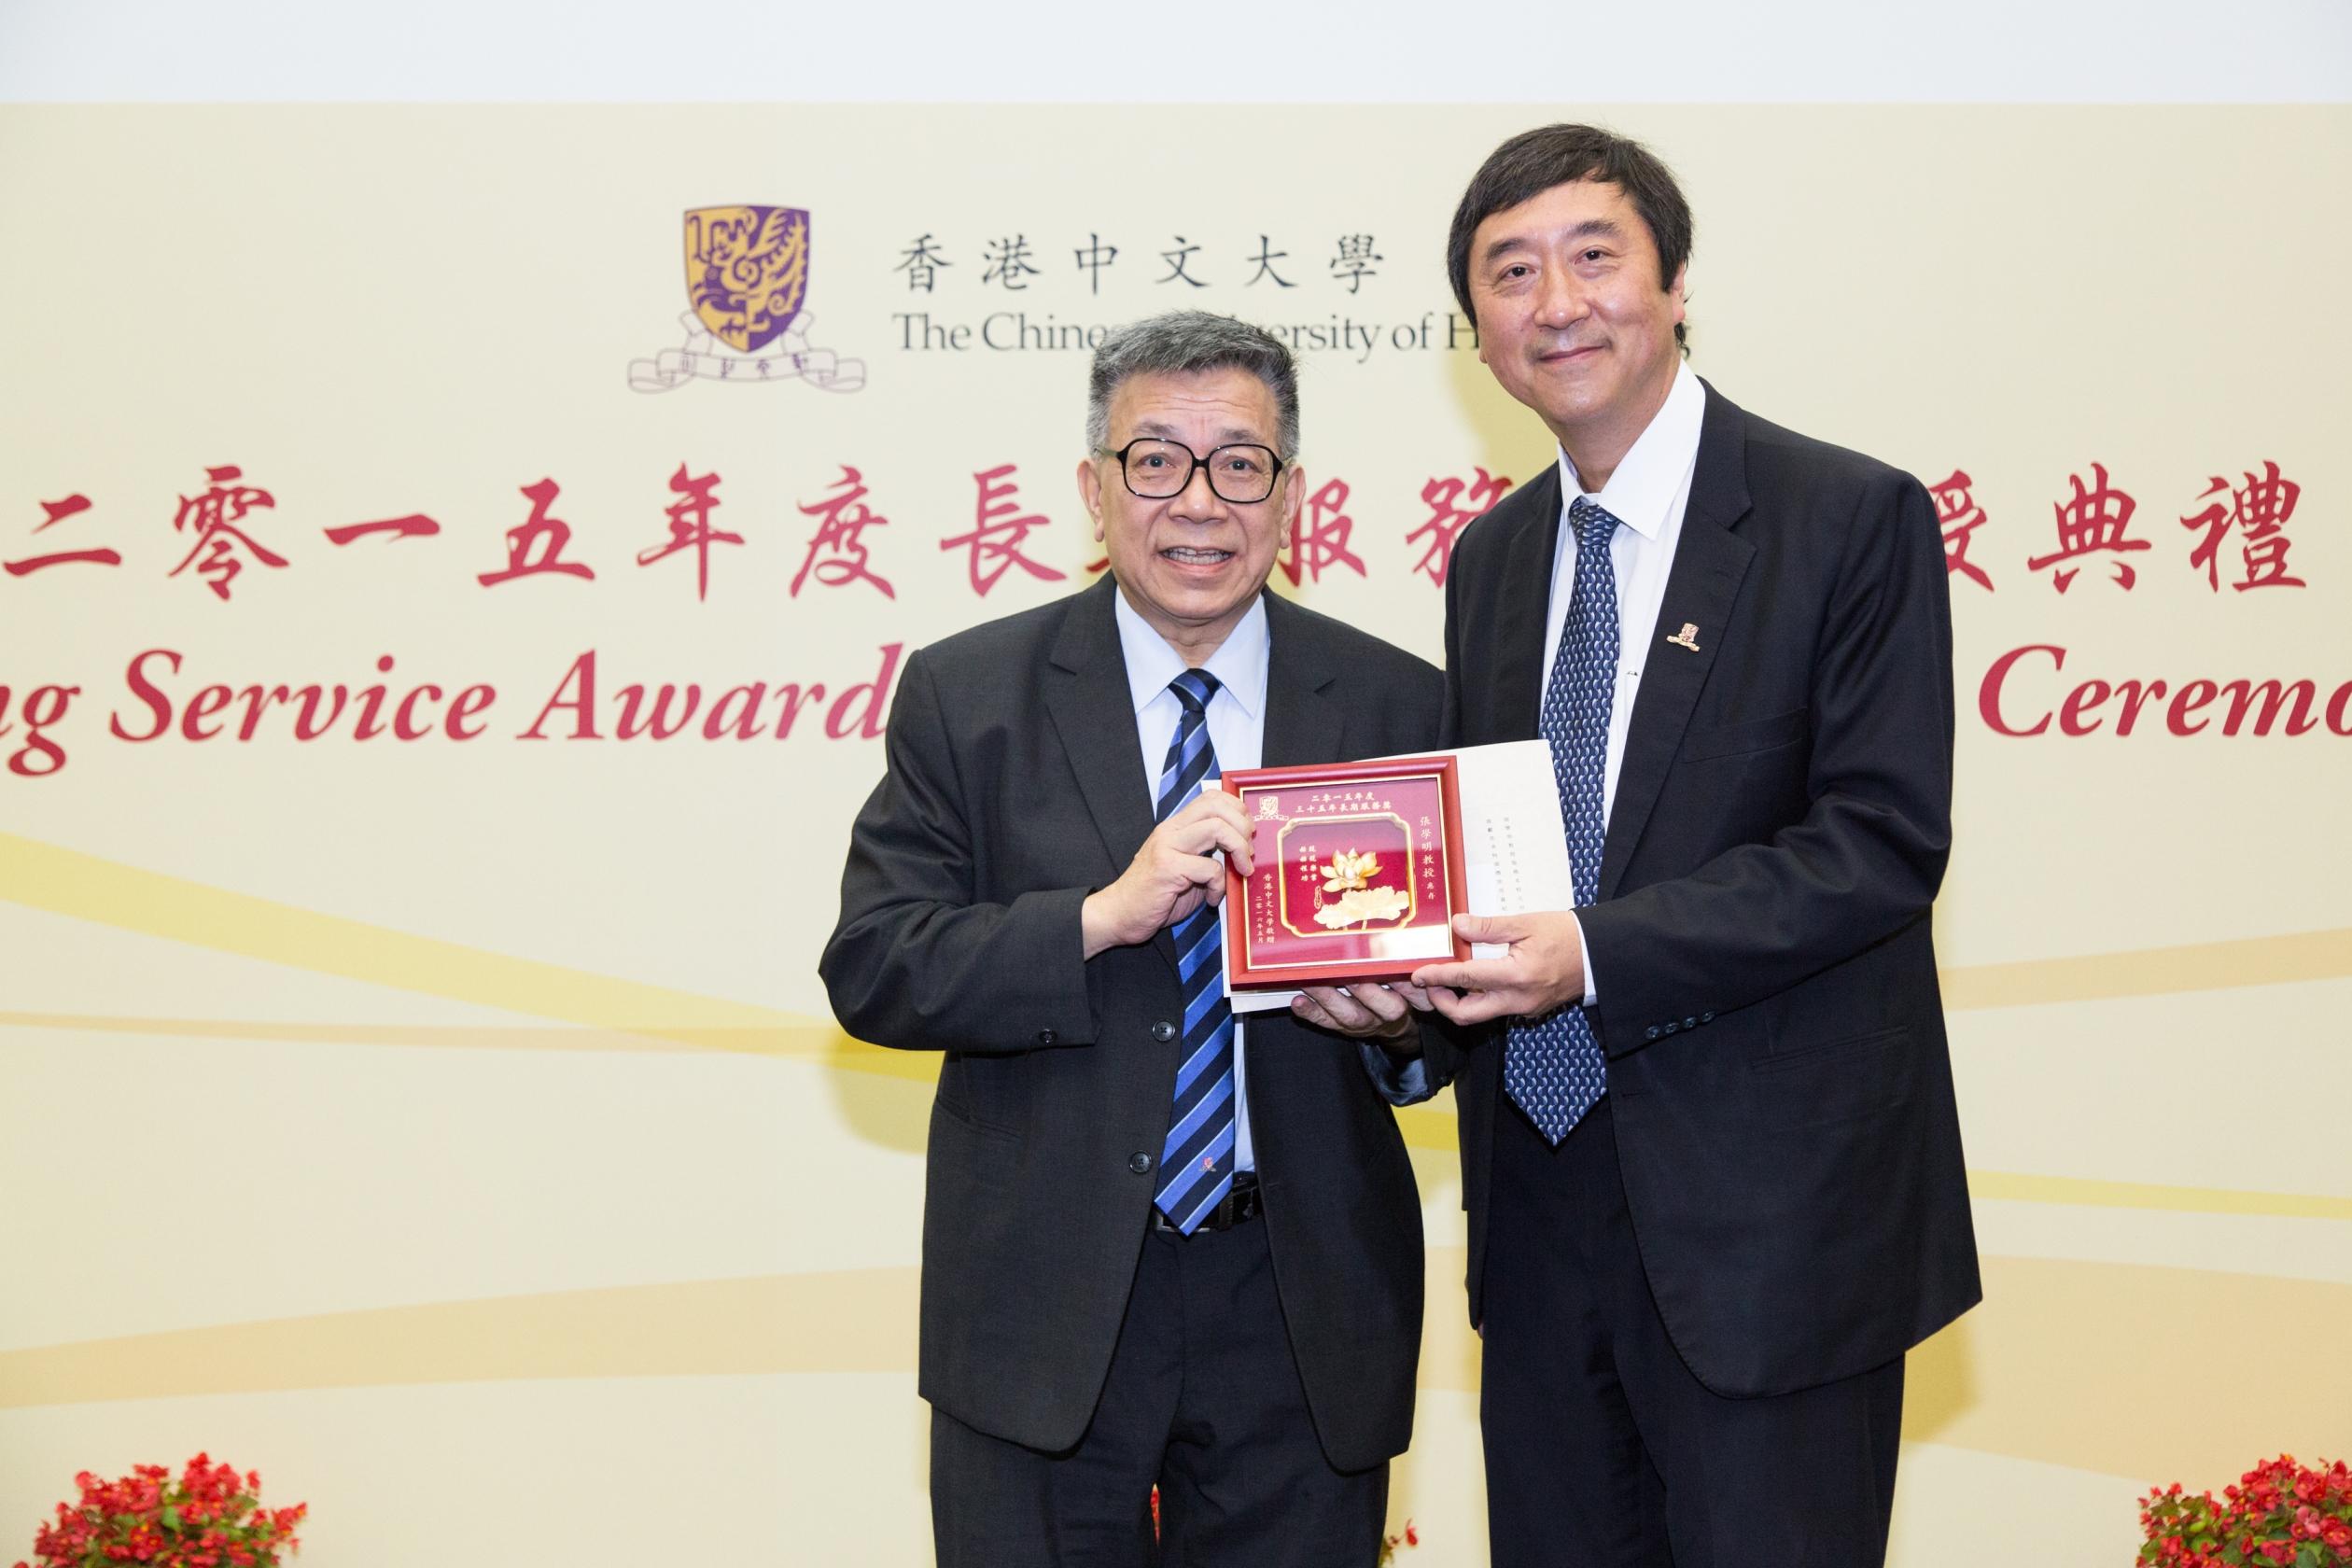 中大校长沈祖尧教授颁授长期服务奖予张学明教授(左)。